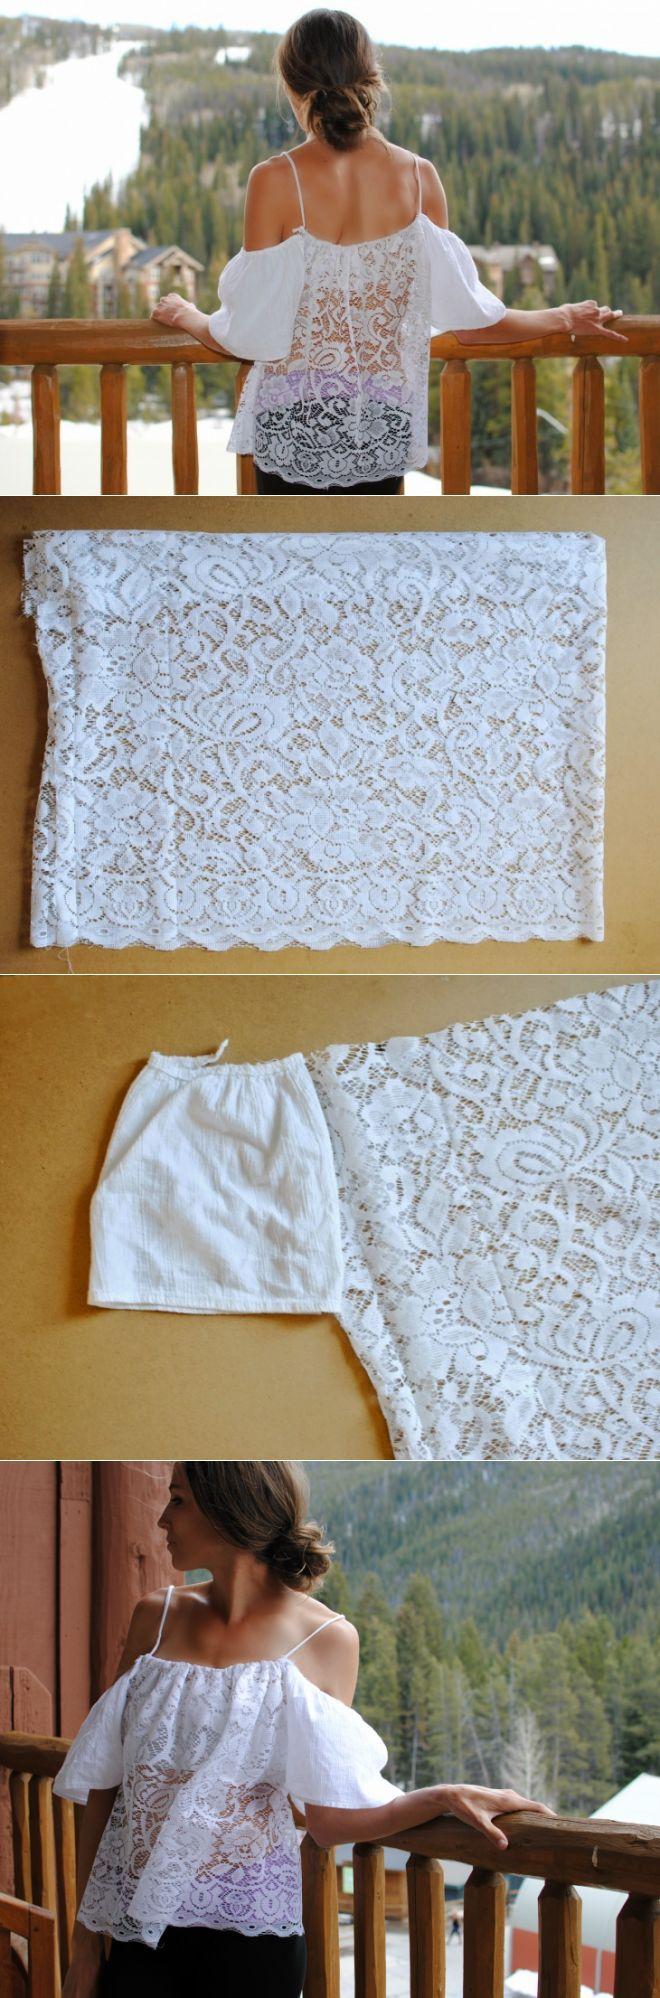 peyzanki blusa (Bricolaje) / Modelo simple / Las manos - los modelos, alteración de la ropa, decoración de interiores con sus propias manos - en la segunda calle